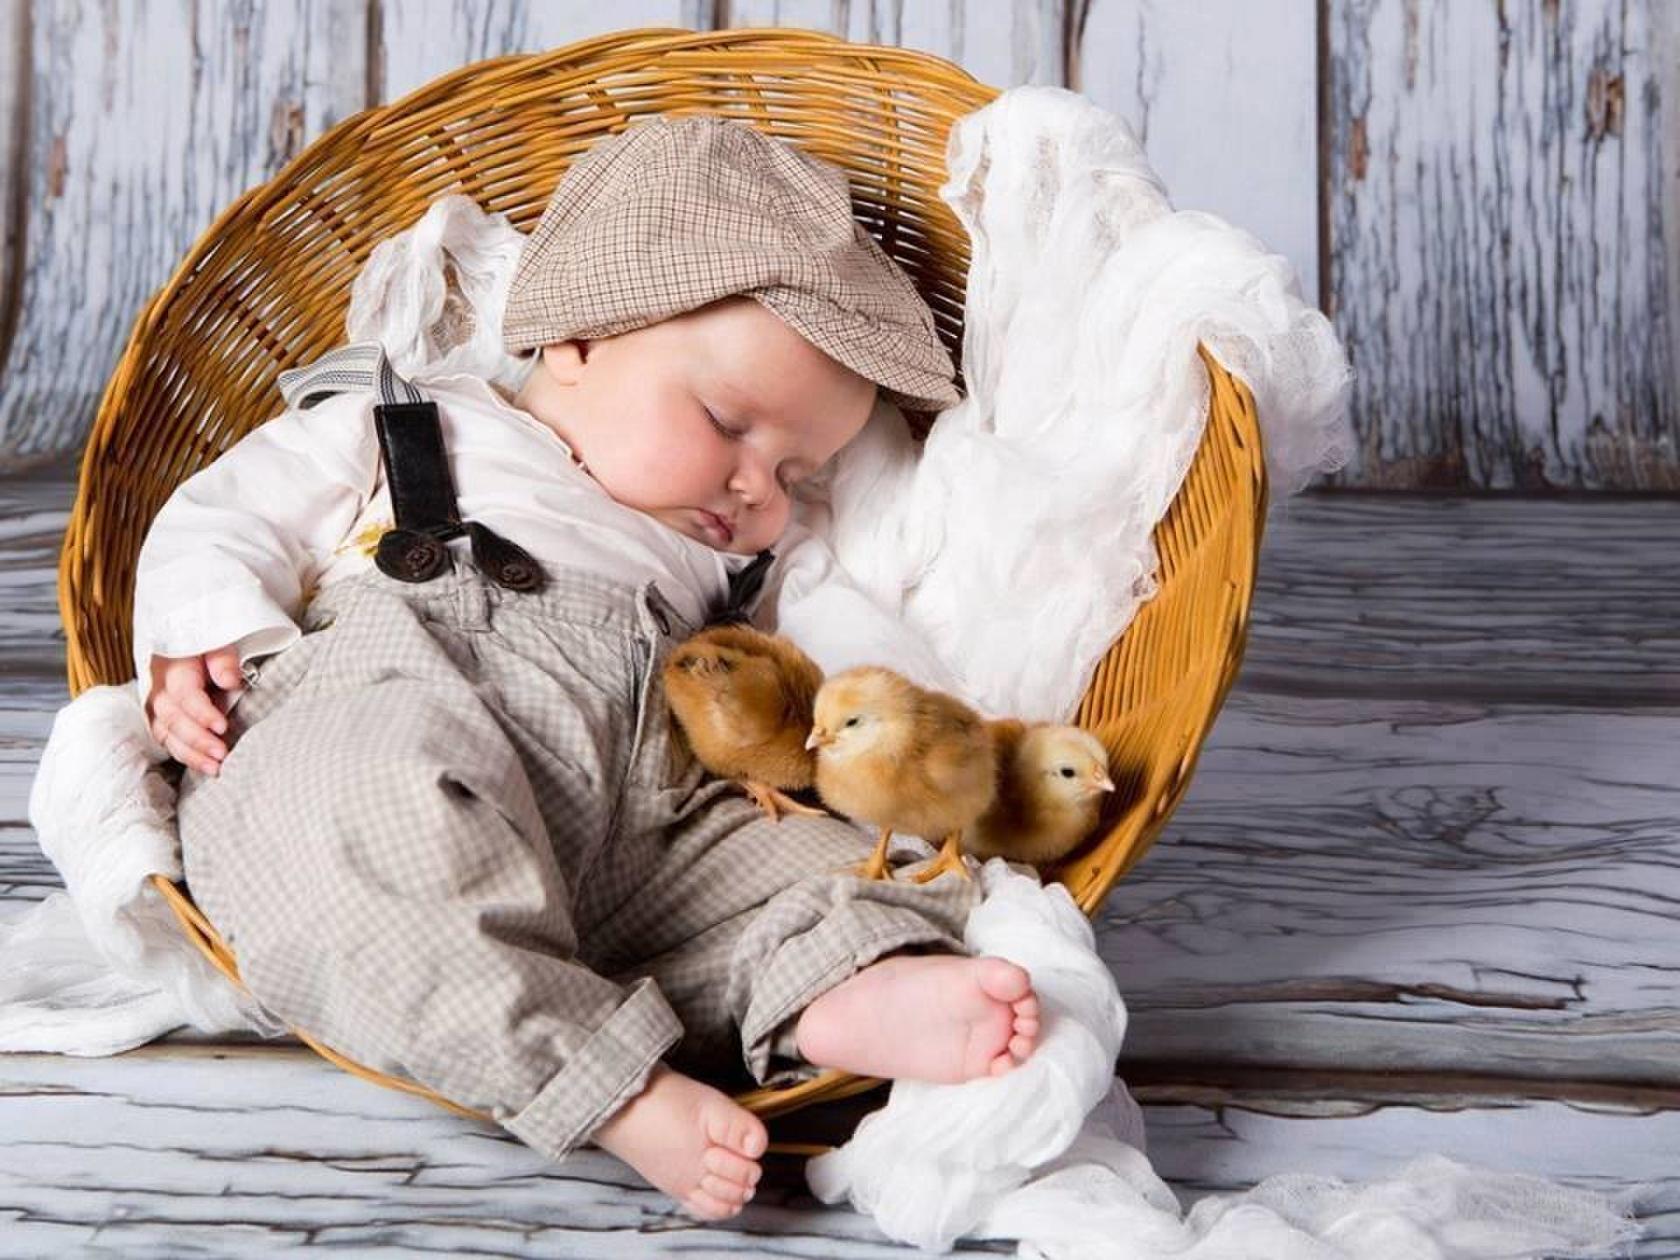 Pediatri consigliano: bimbi alla larga da criceti, tartarughe e pulcini